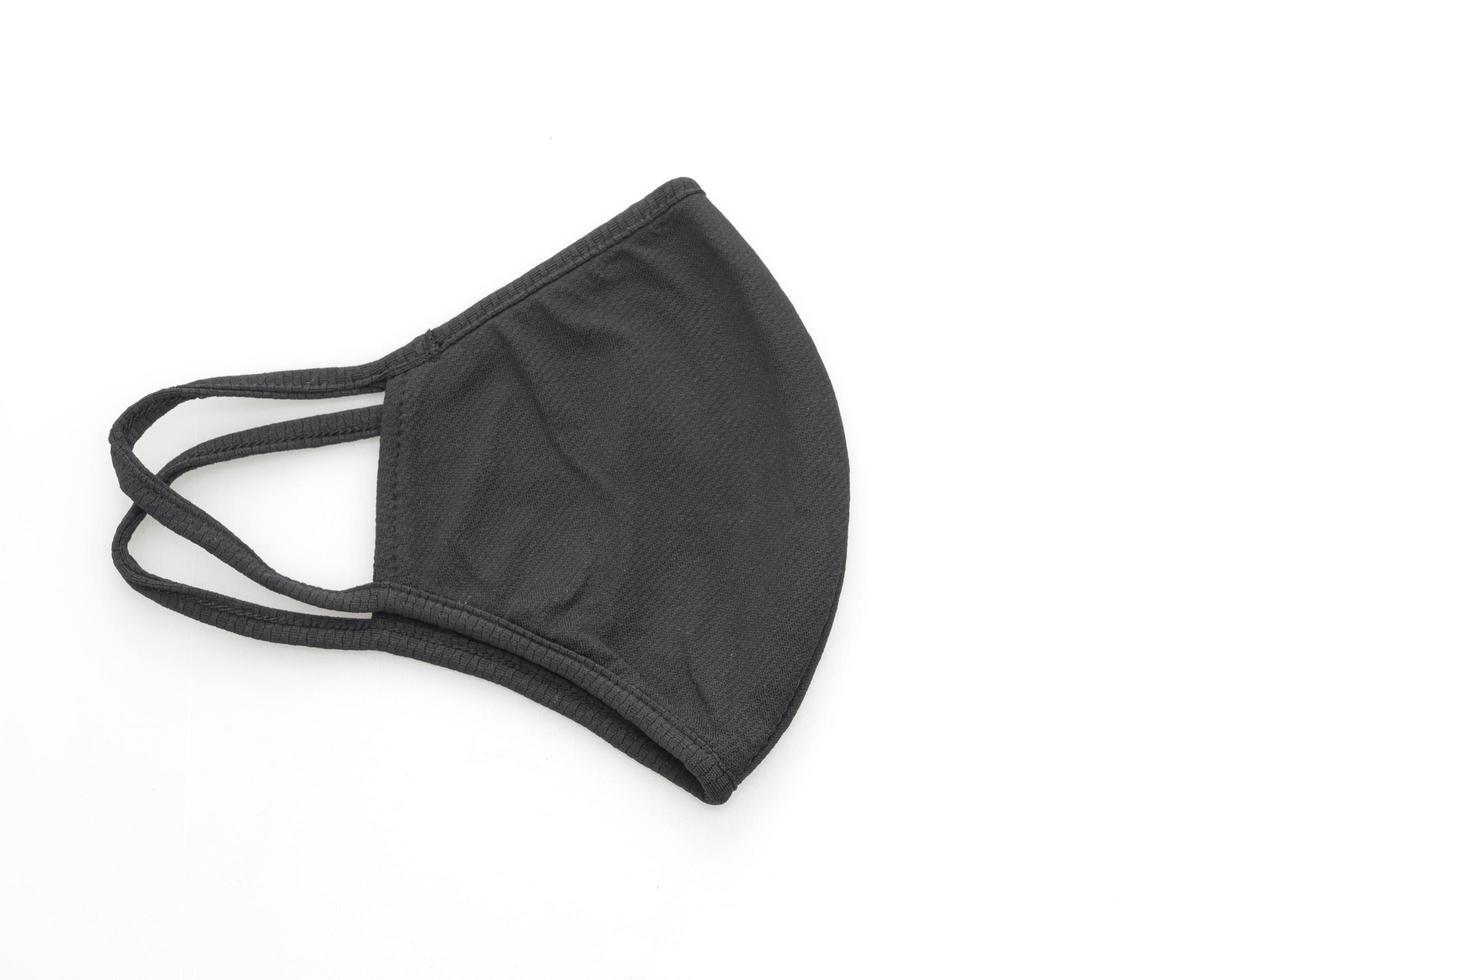 masque en tissu noir pour protéger covid-19 sur fond blanc isolé photo